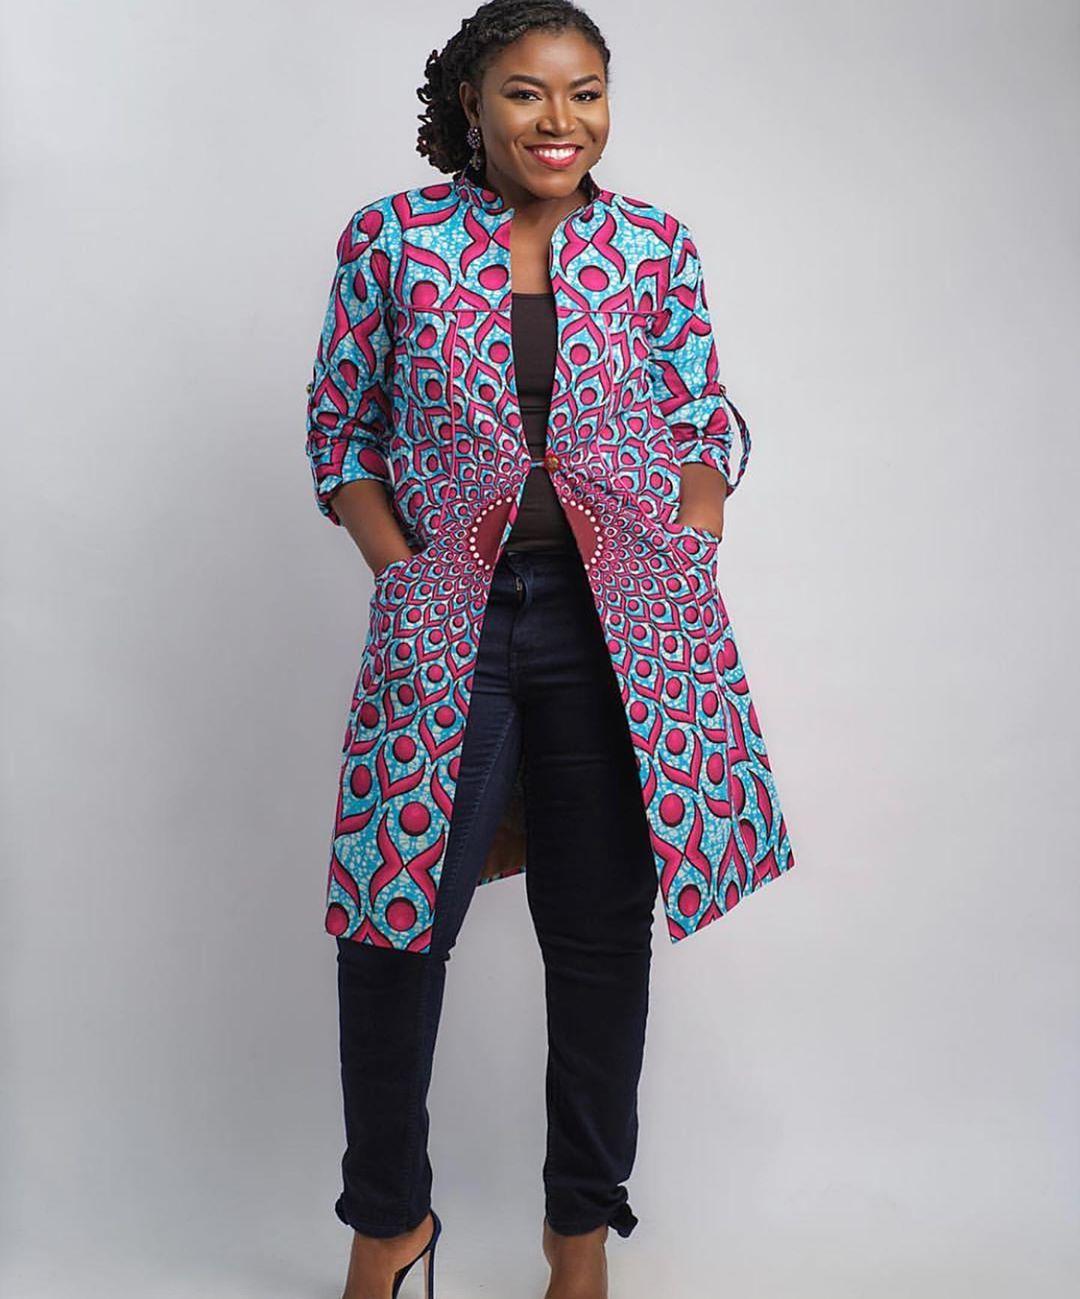 ankara kimono styles 2020 5